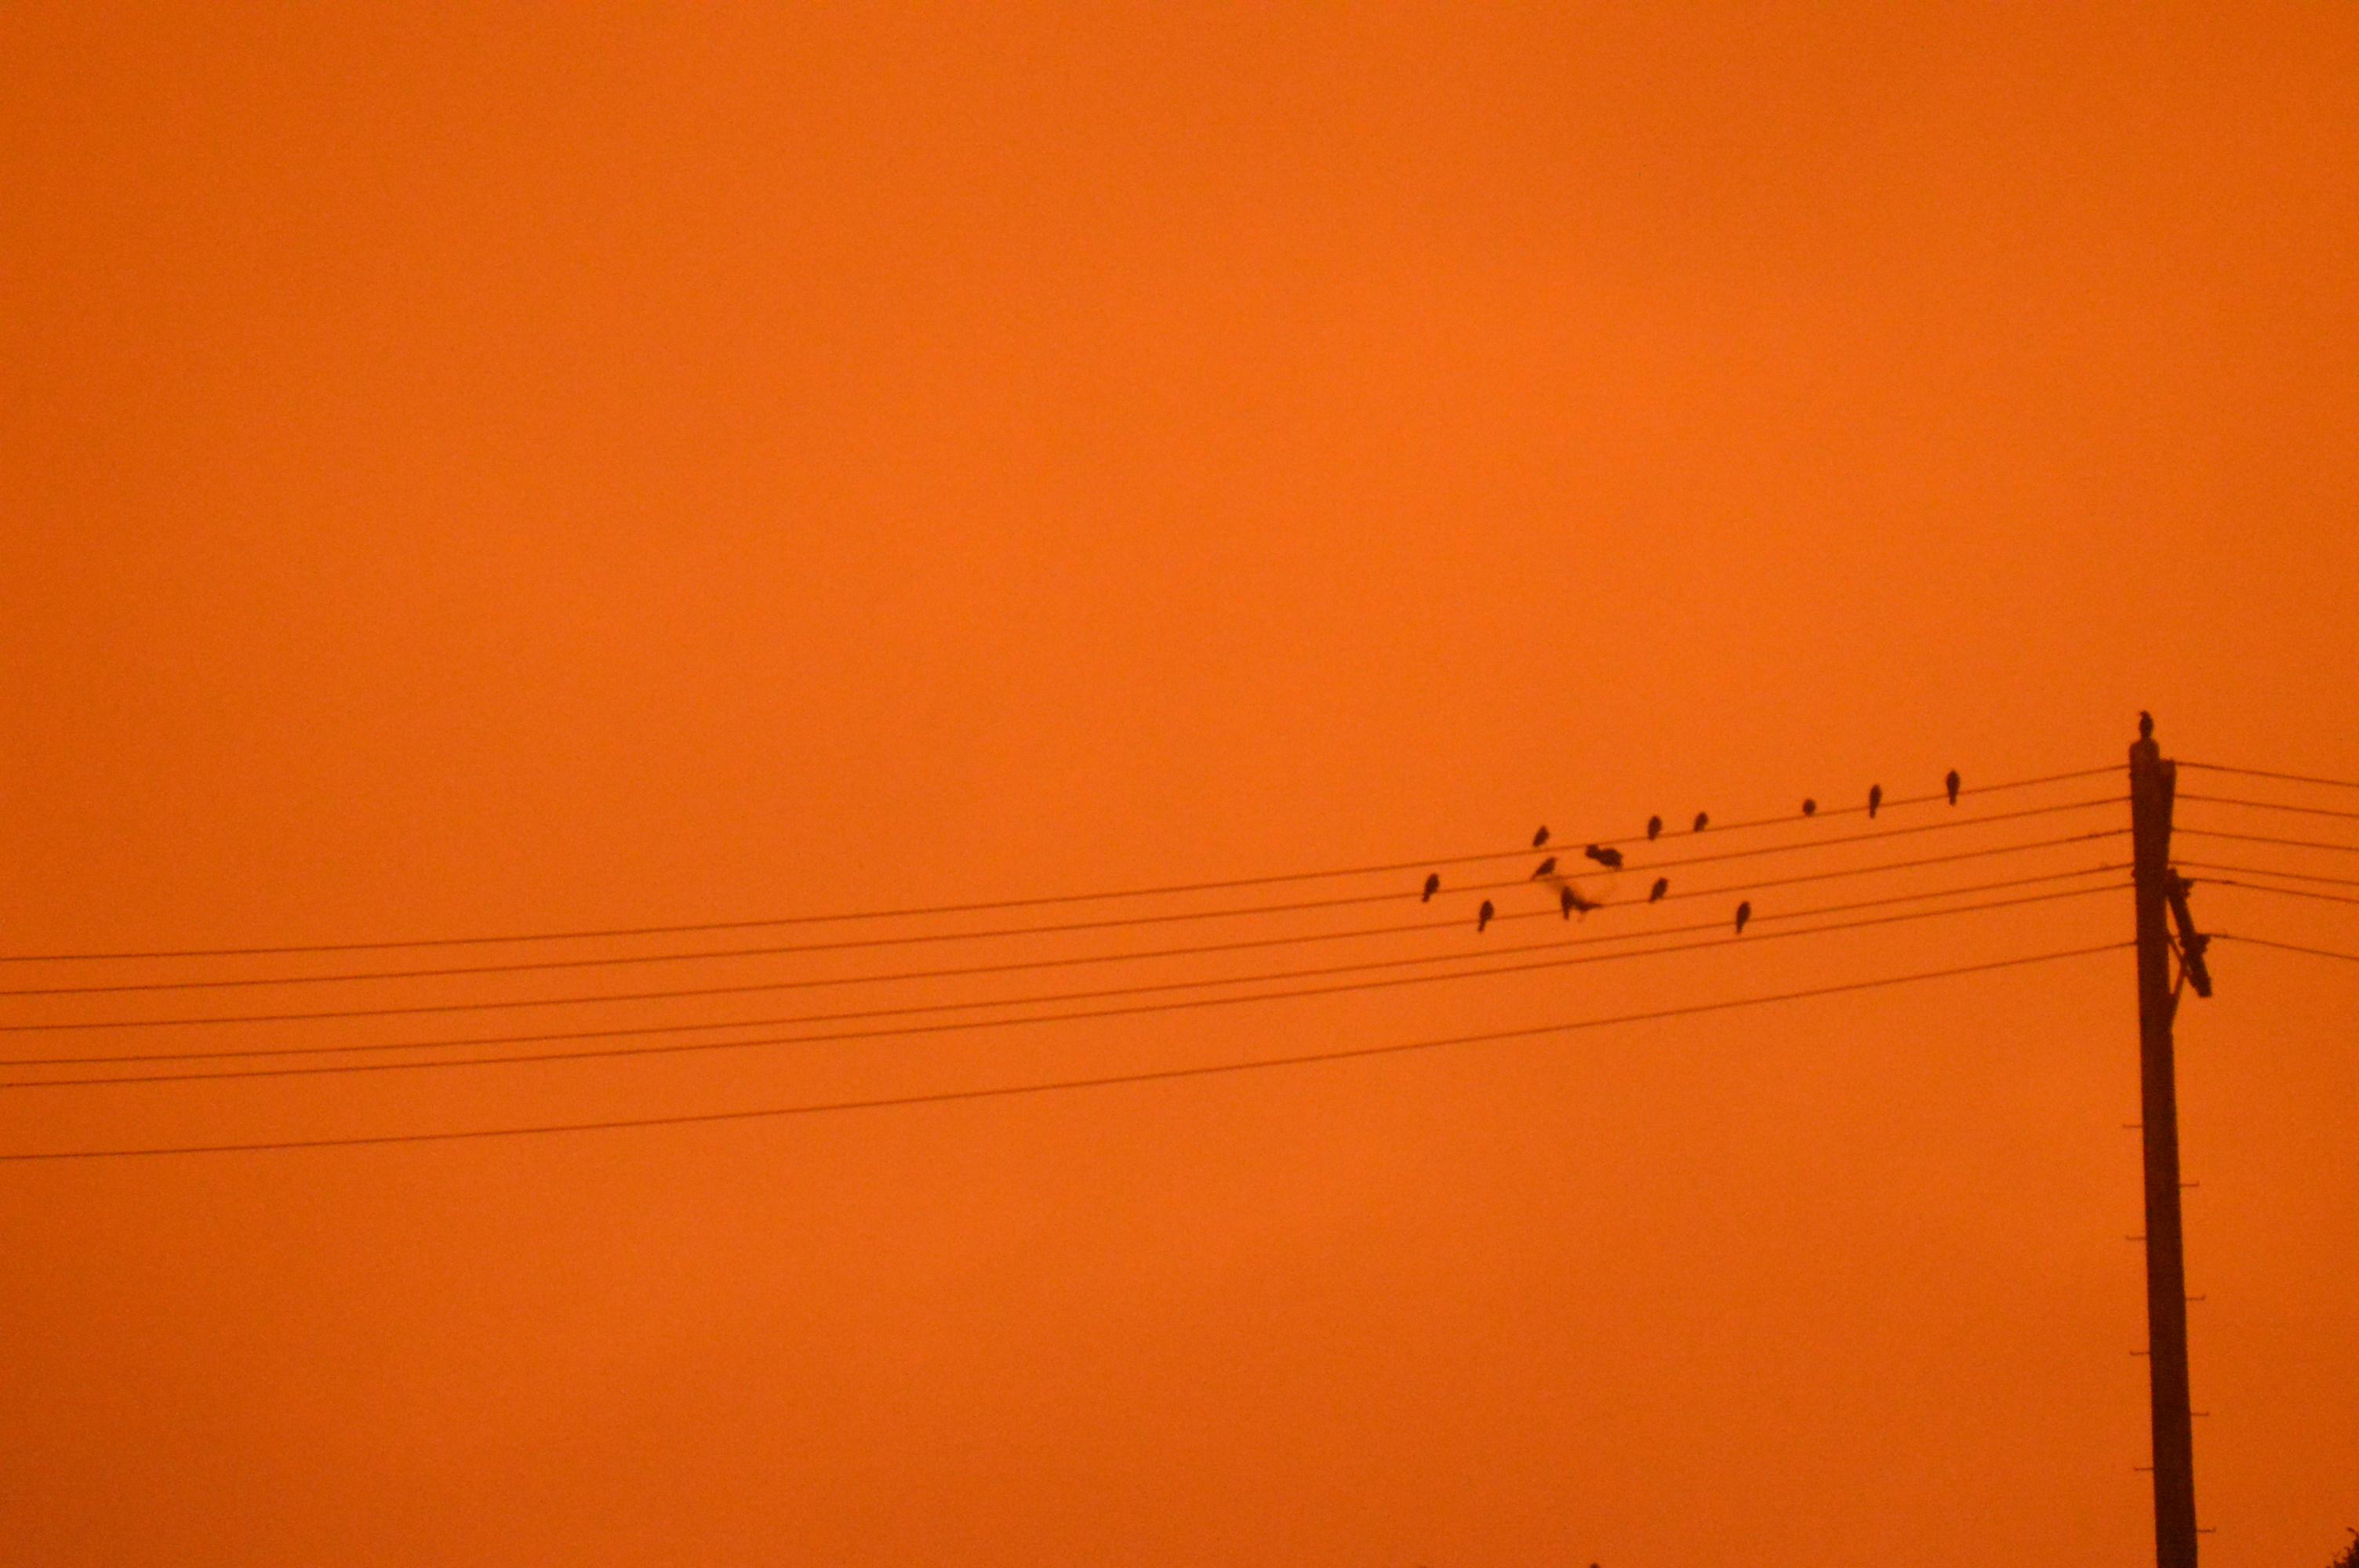 Pájaros sobre cables en el cielo rojizo.